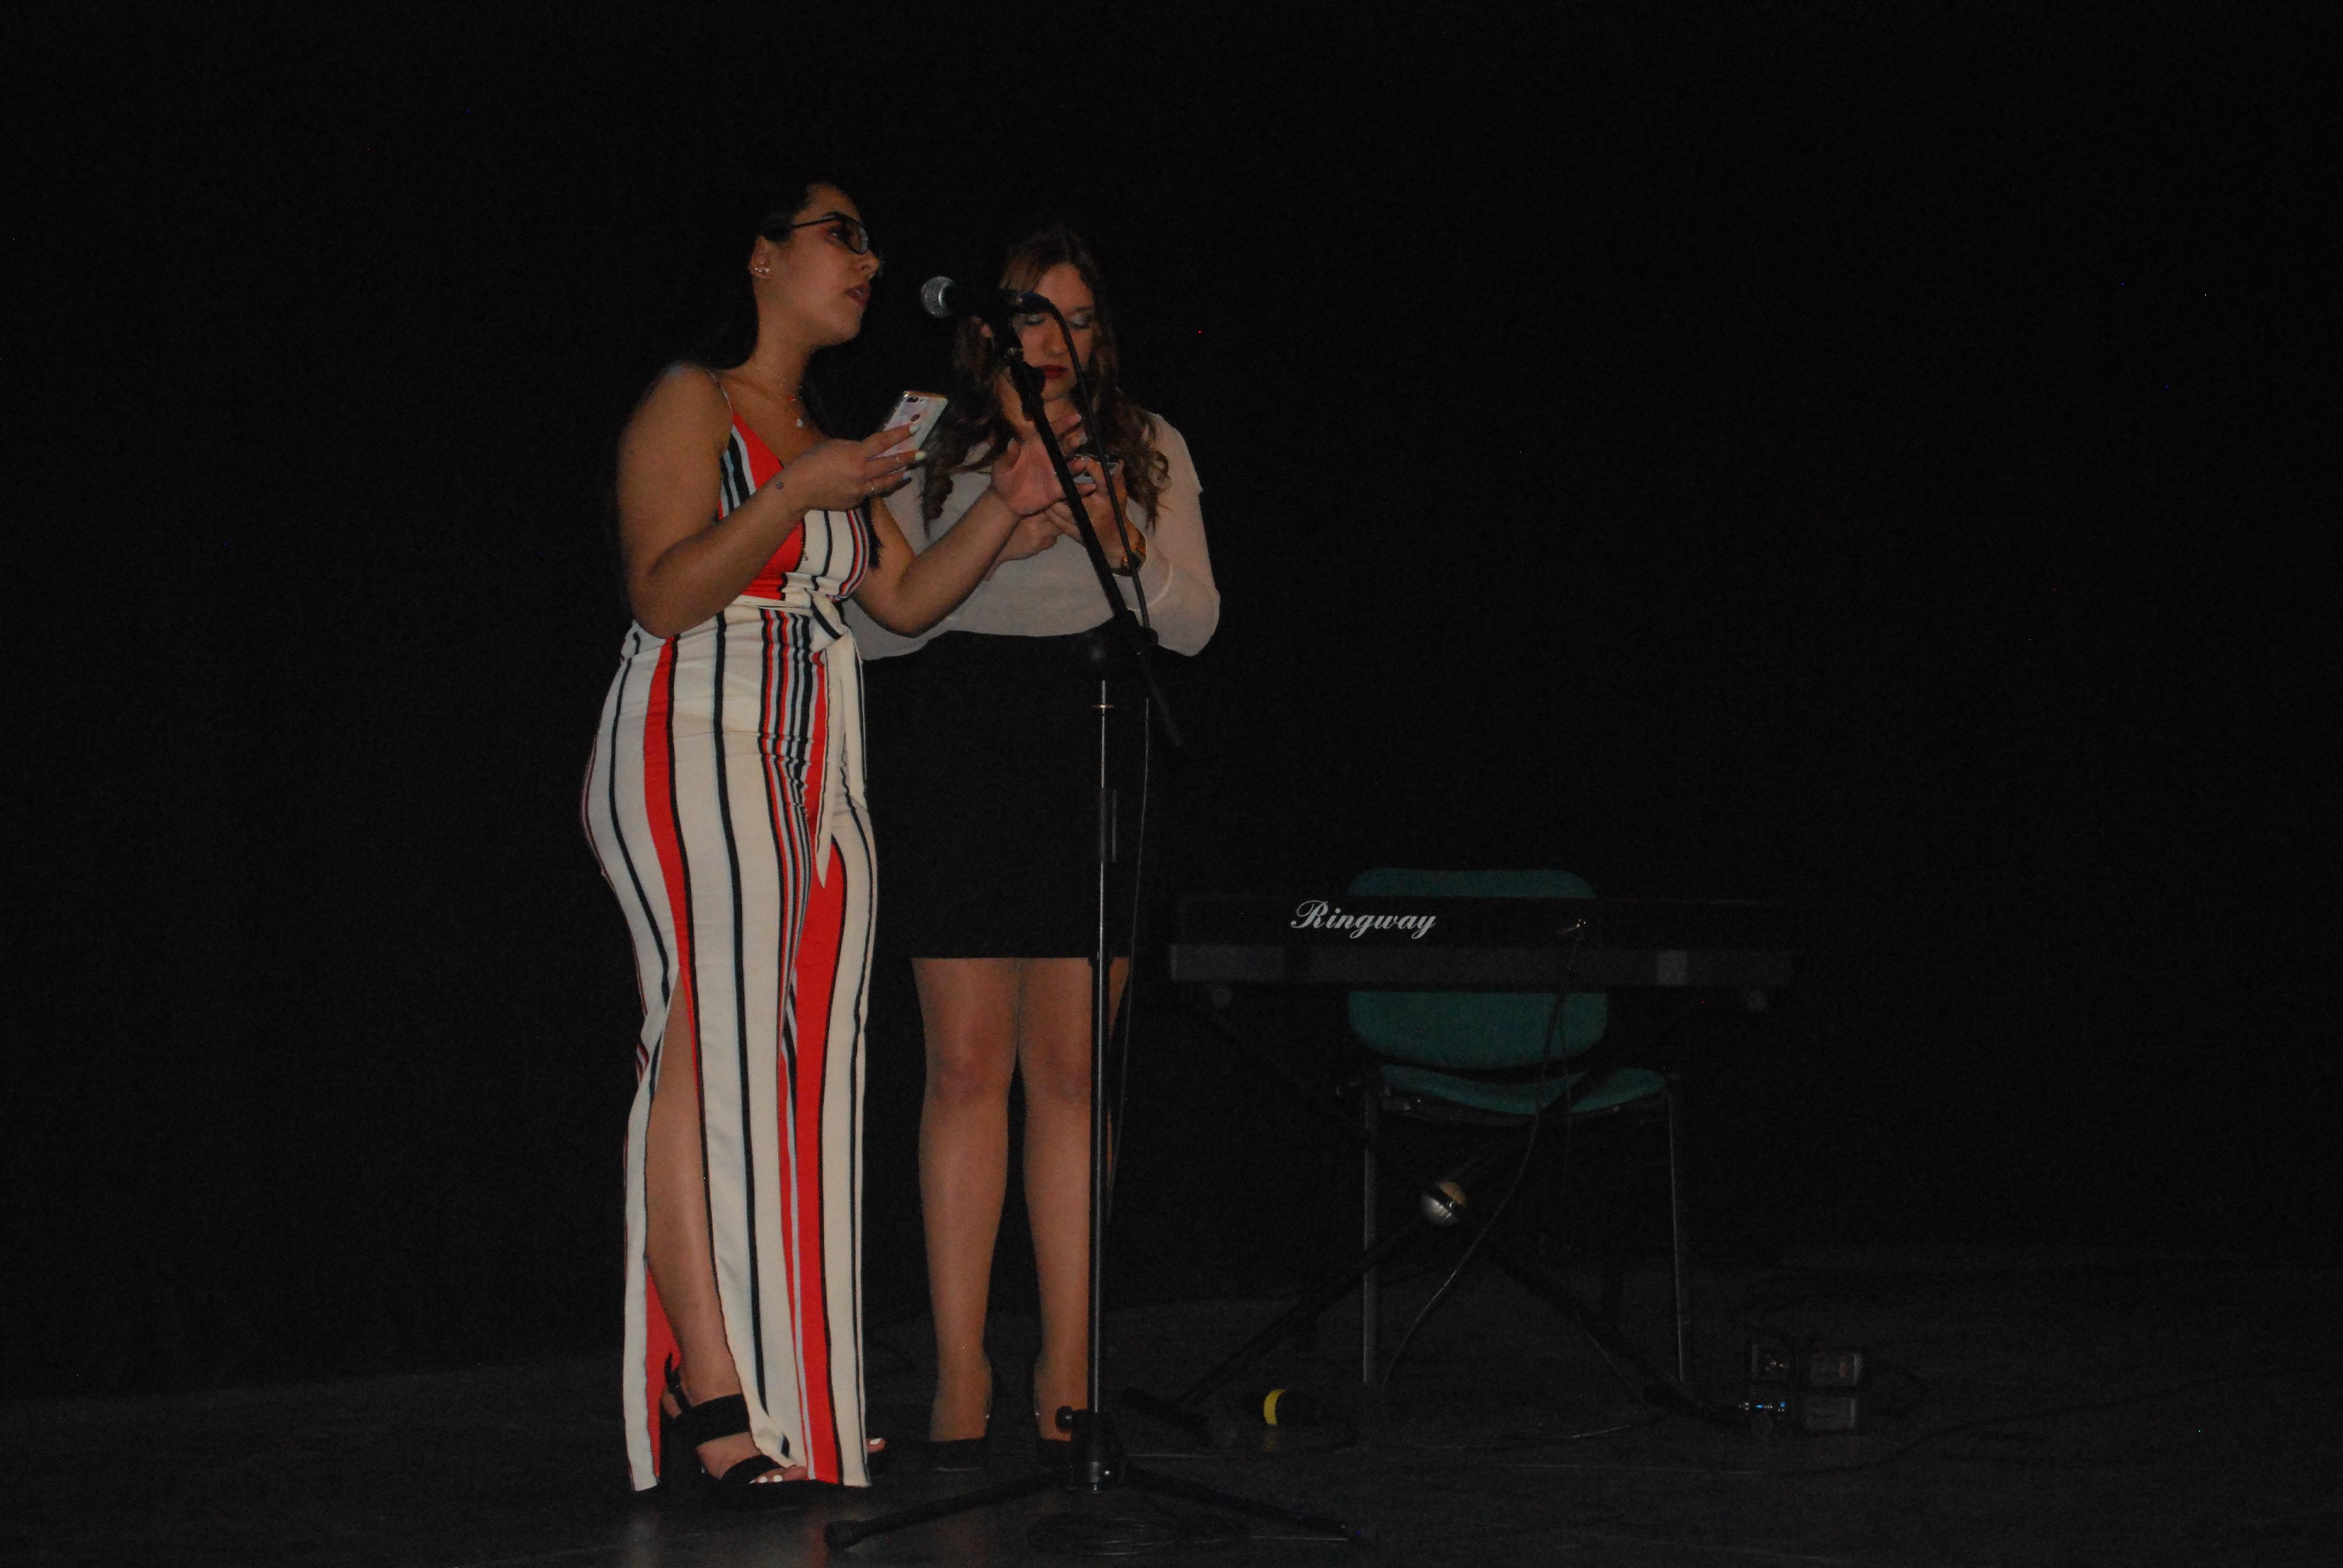 Graduación - 2º Bachillerato - Álbum # 1 42